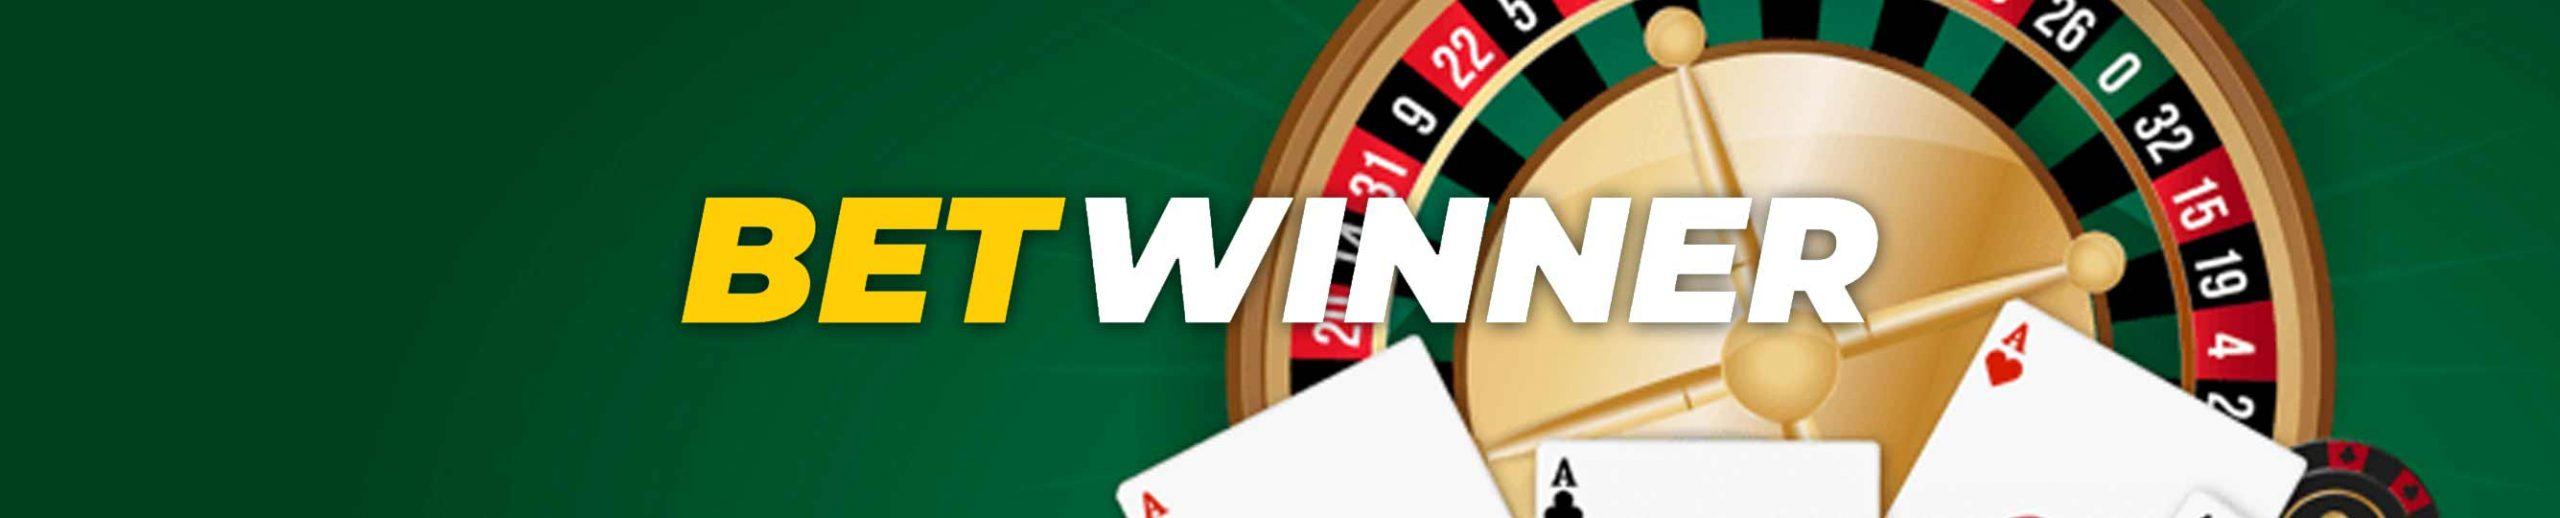 Bet-Winner